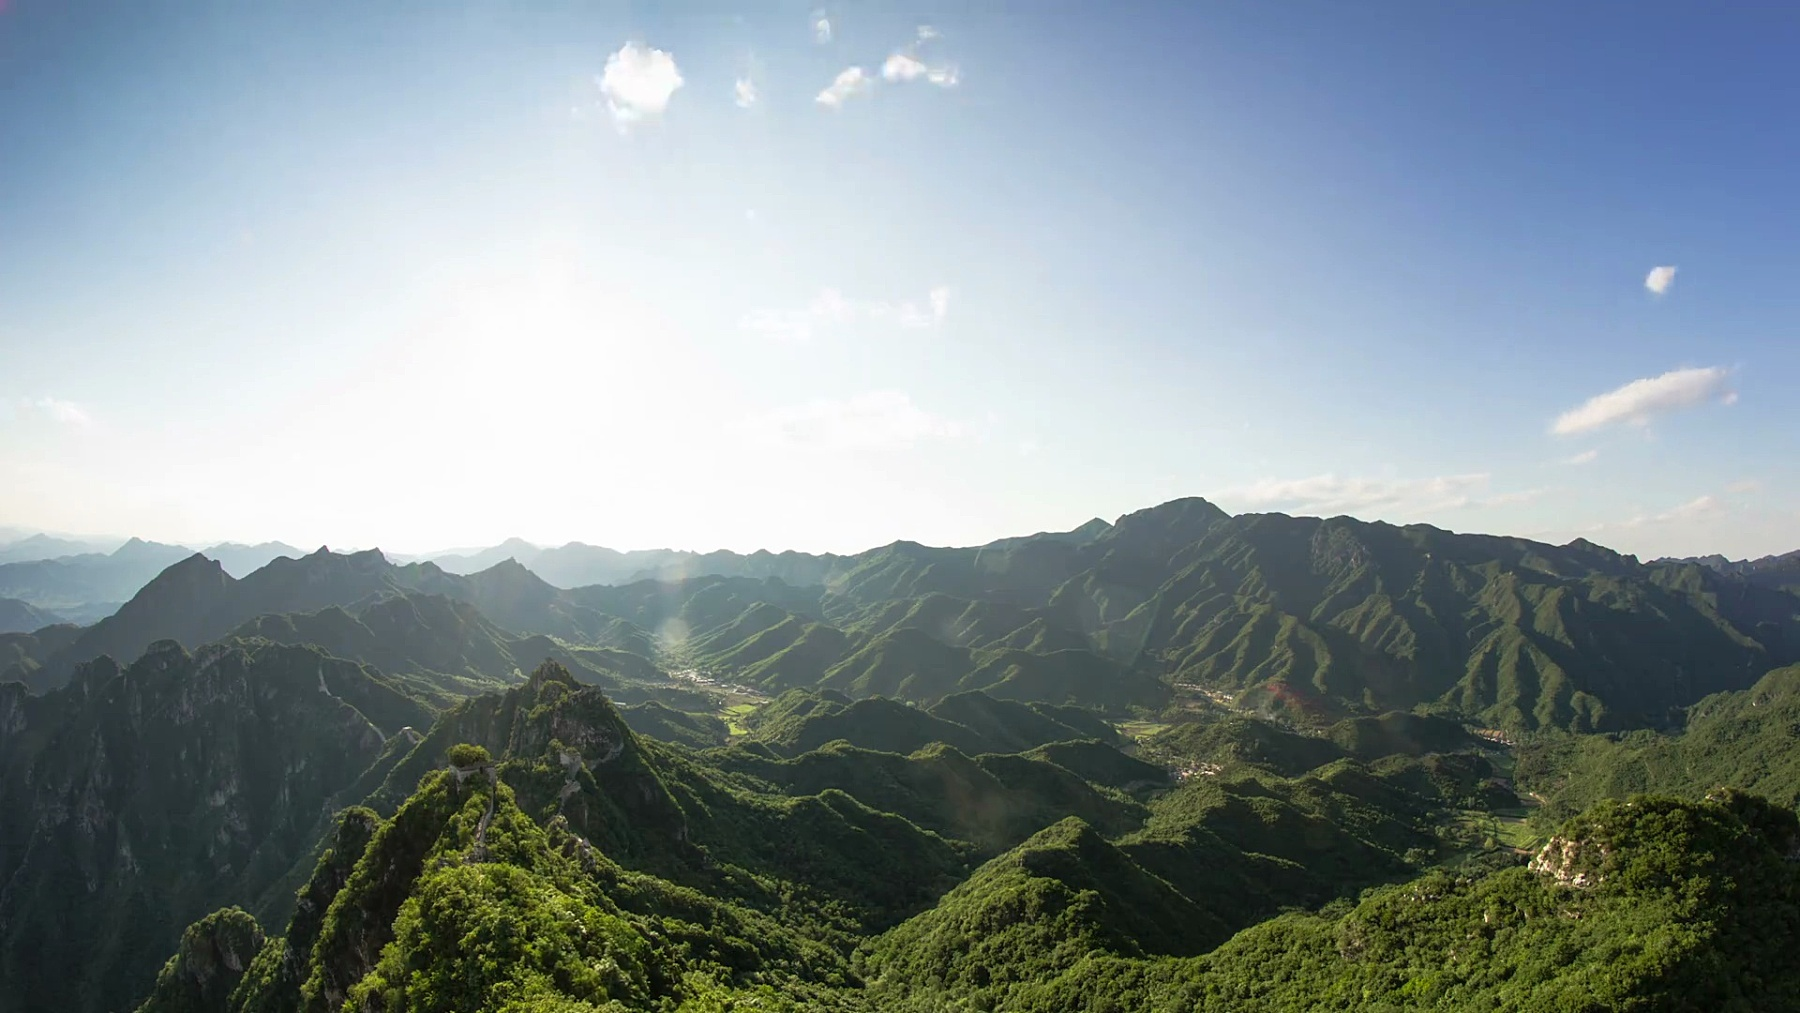 中国长城一天到星星的延时摄影